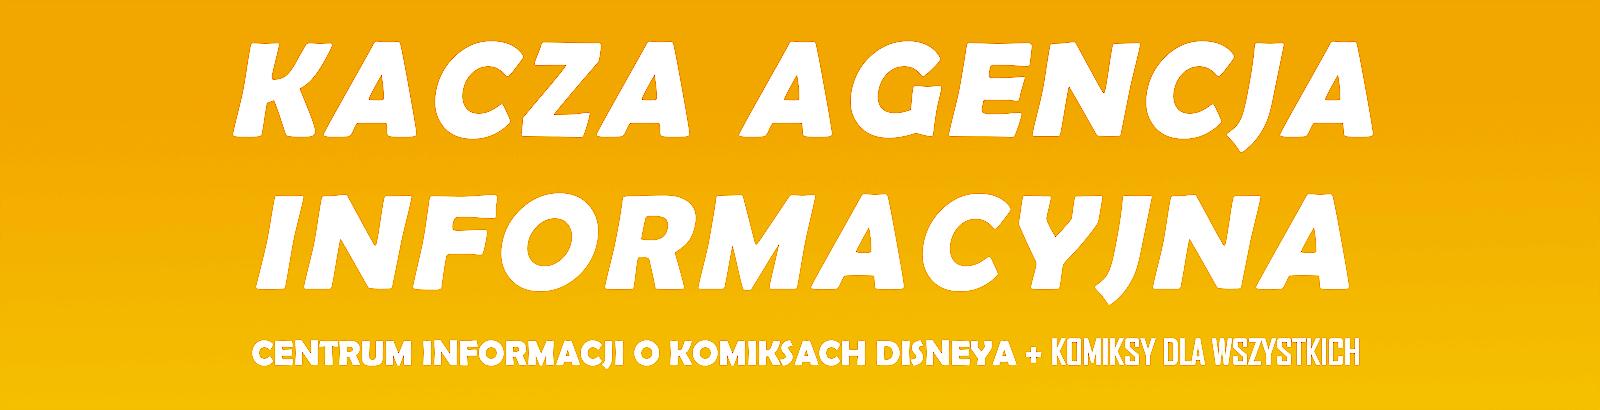 Kacza Agencja Informacyjna